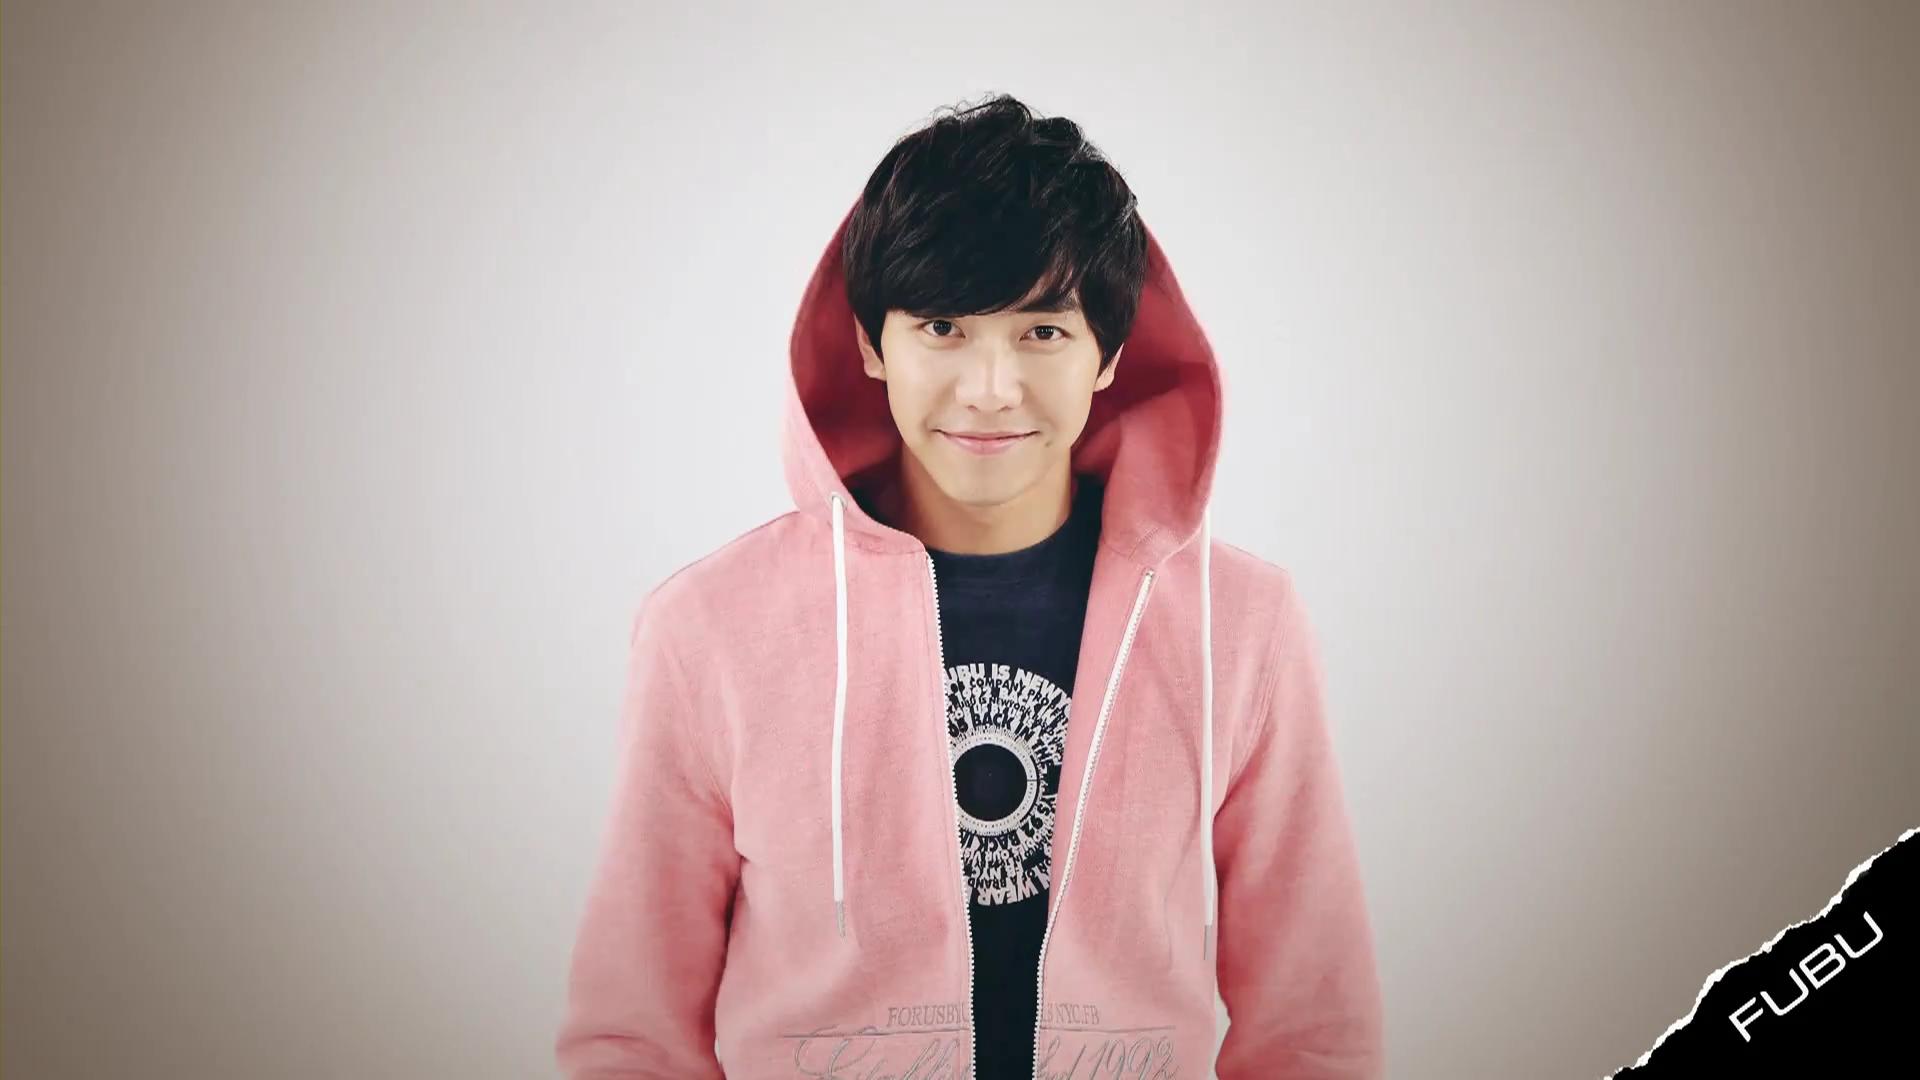 请问李胜基身上这身粉红色外套有同款吗?图片